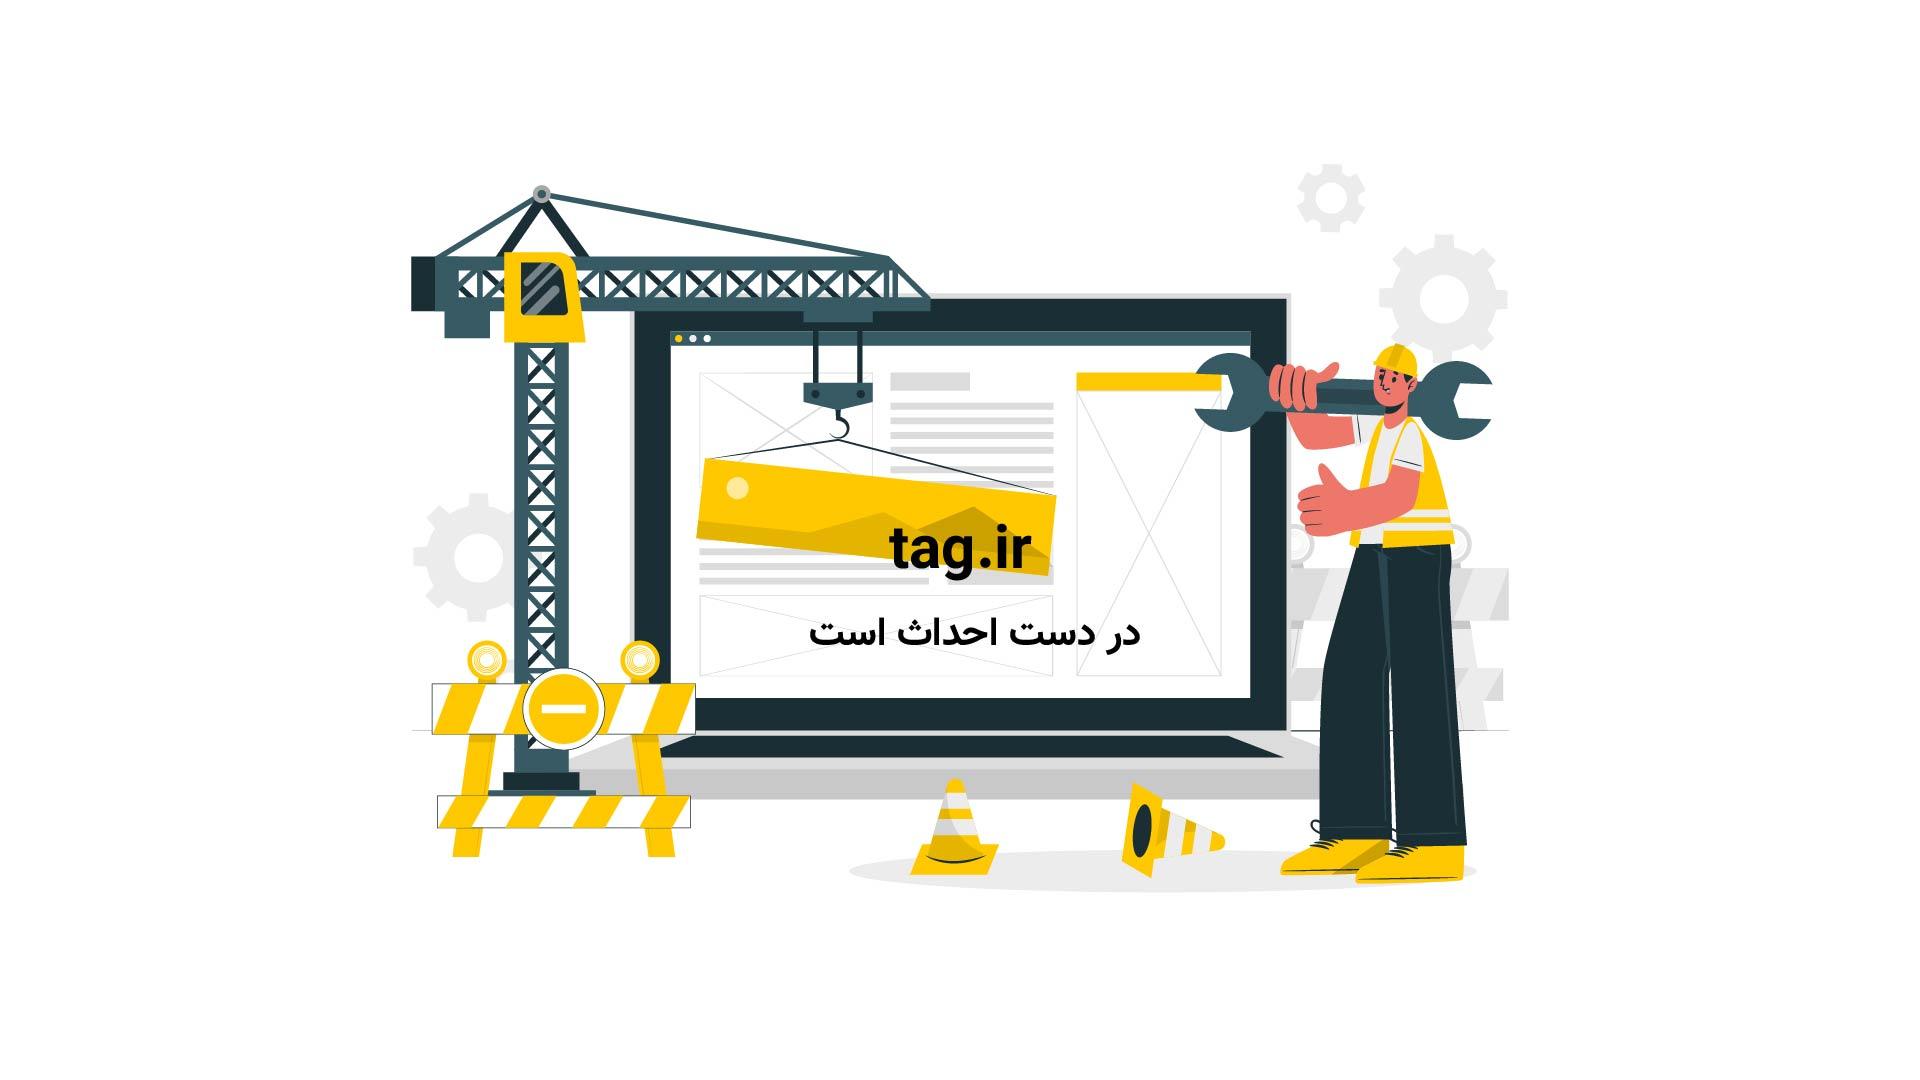 تصادف با قطار | تگ